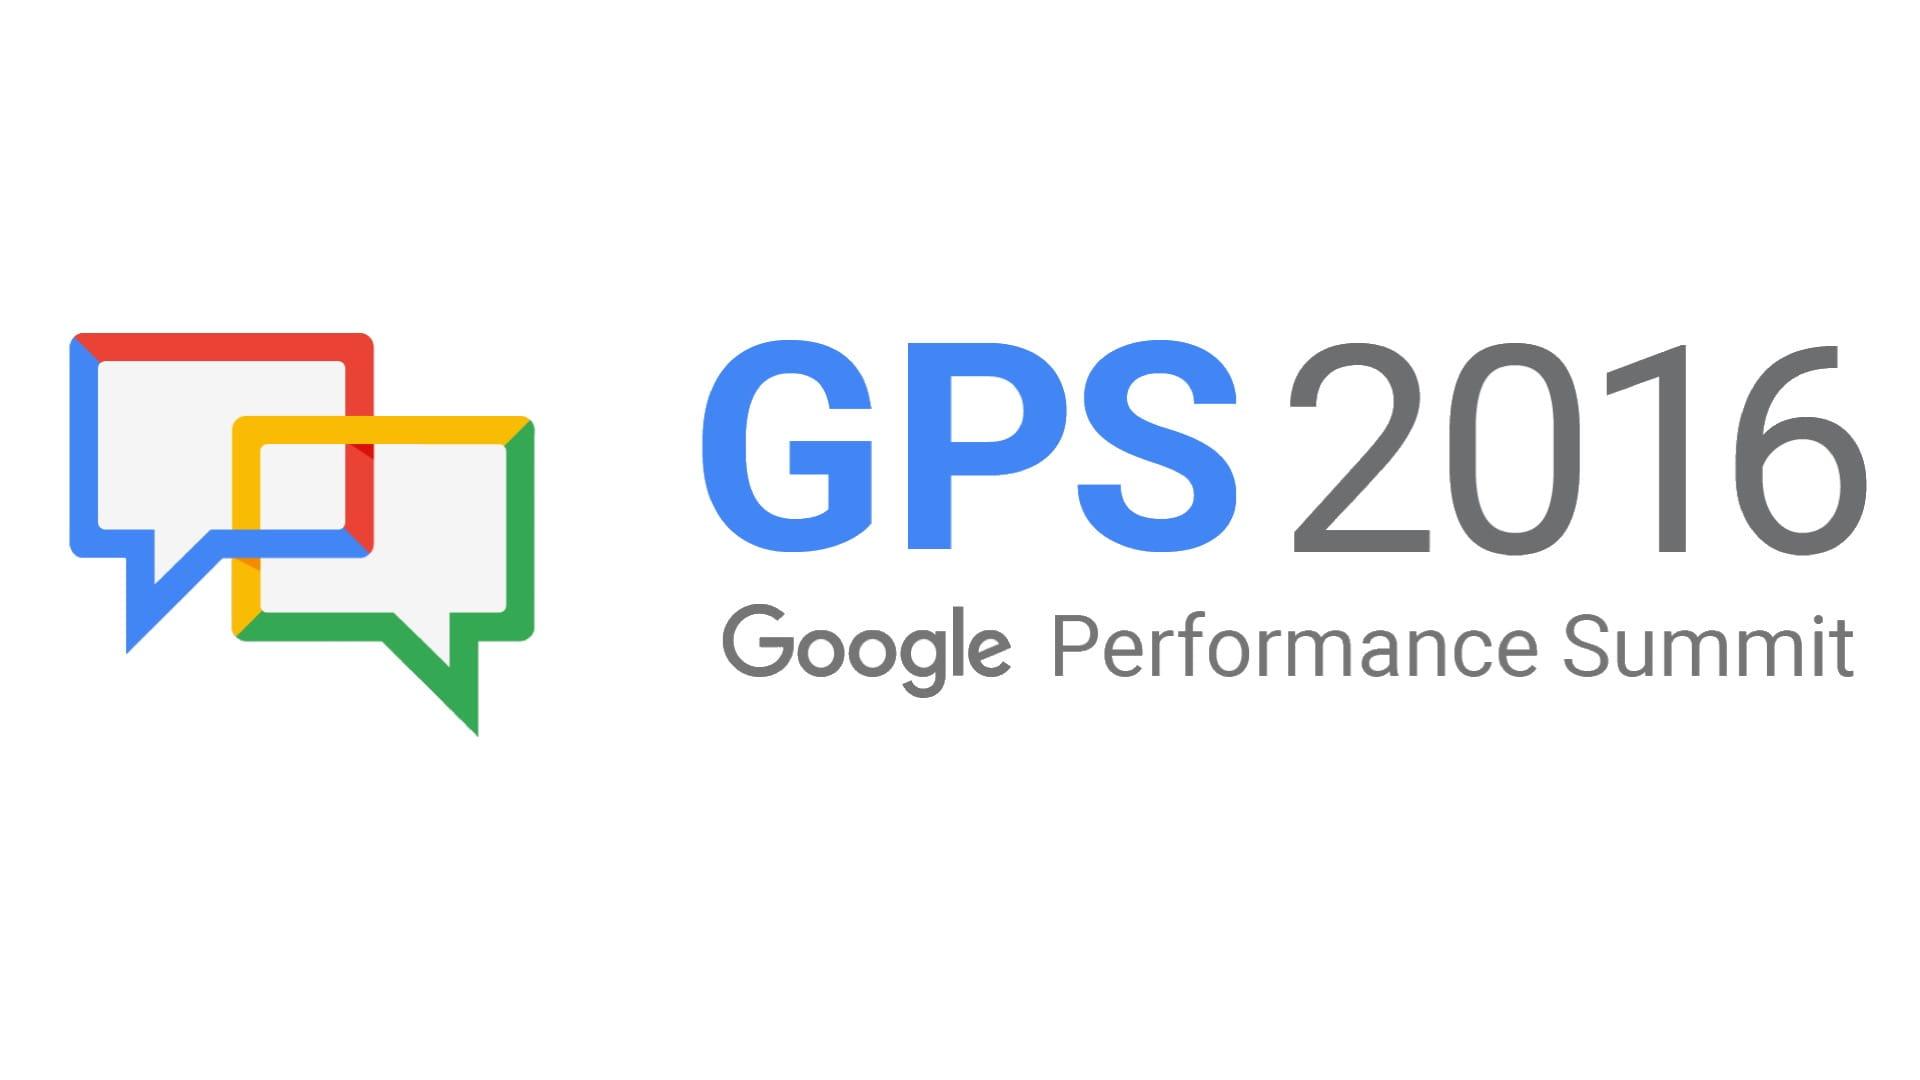 Google Performance Summit 2016: Sådan vinder du i en mobile-first verden